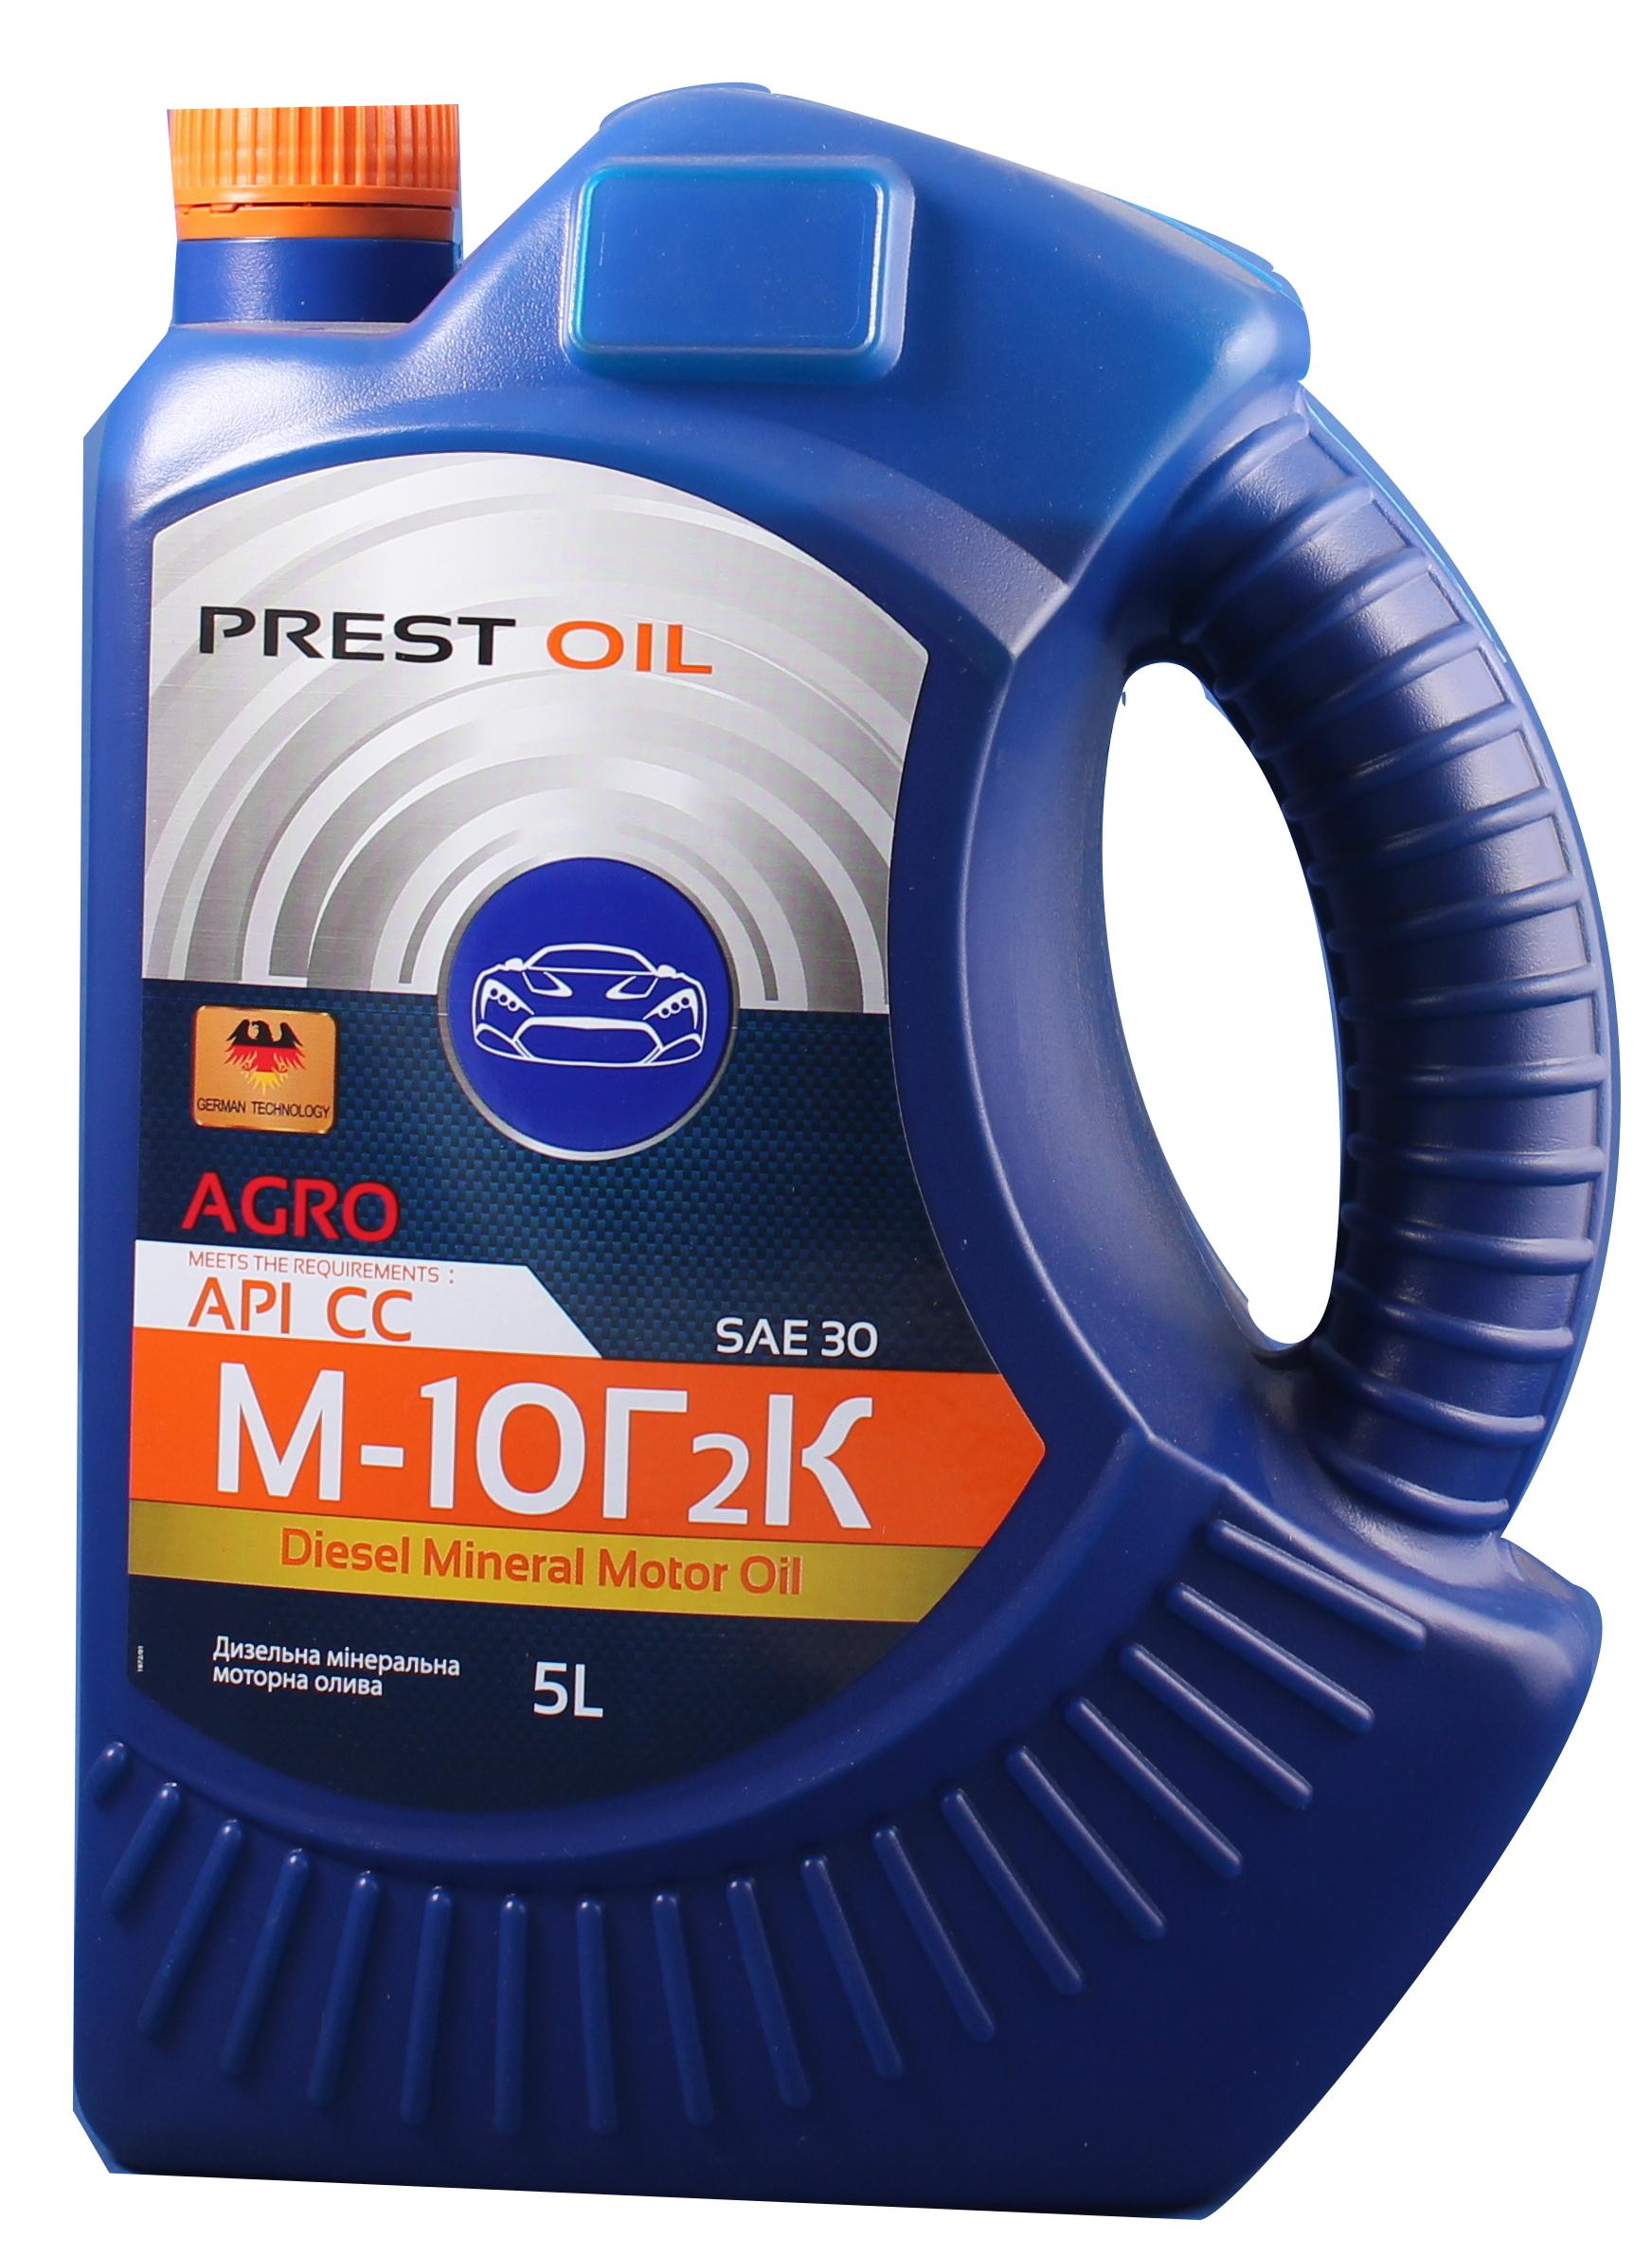 PREST OIL олива М10Г2К 5л